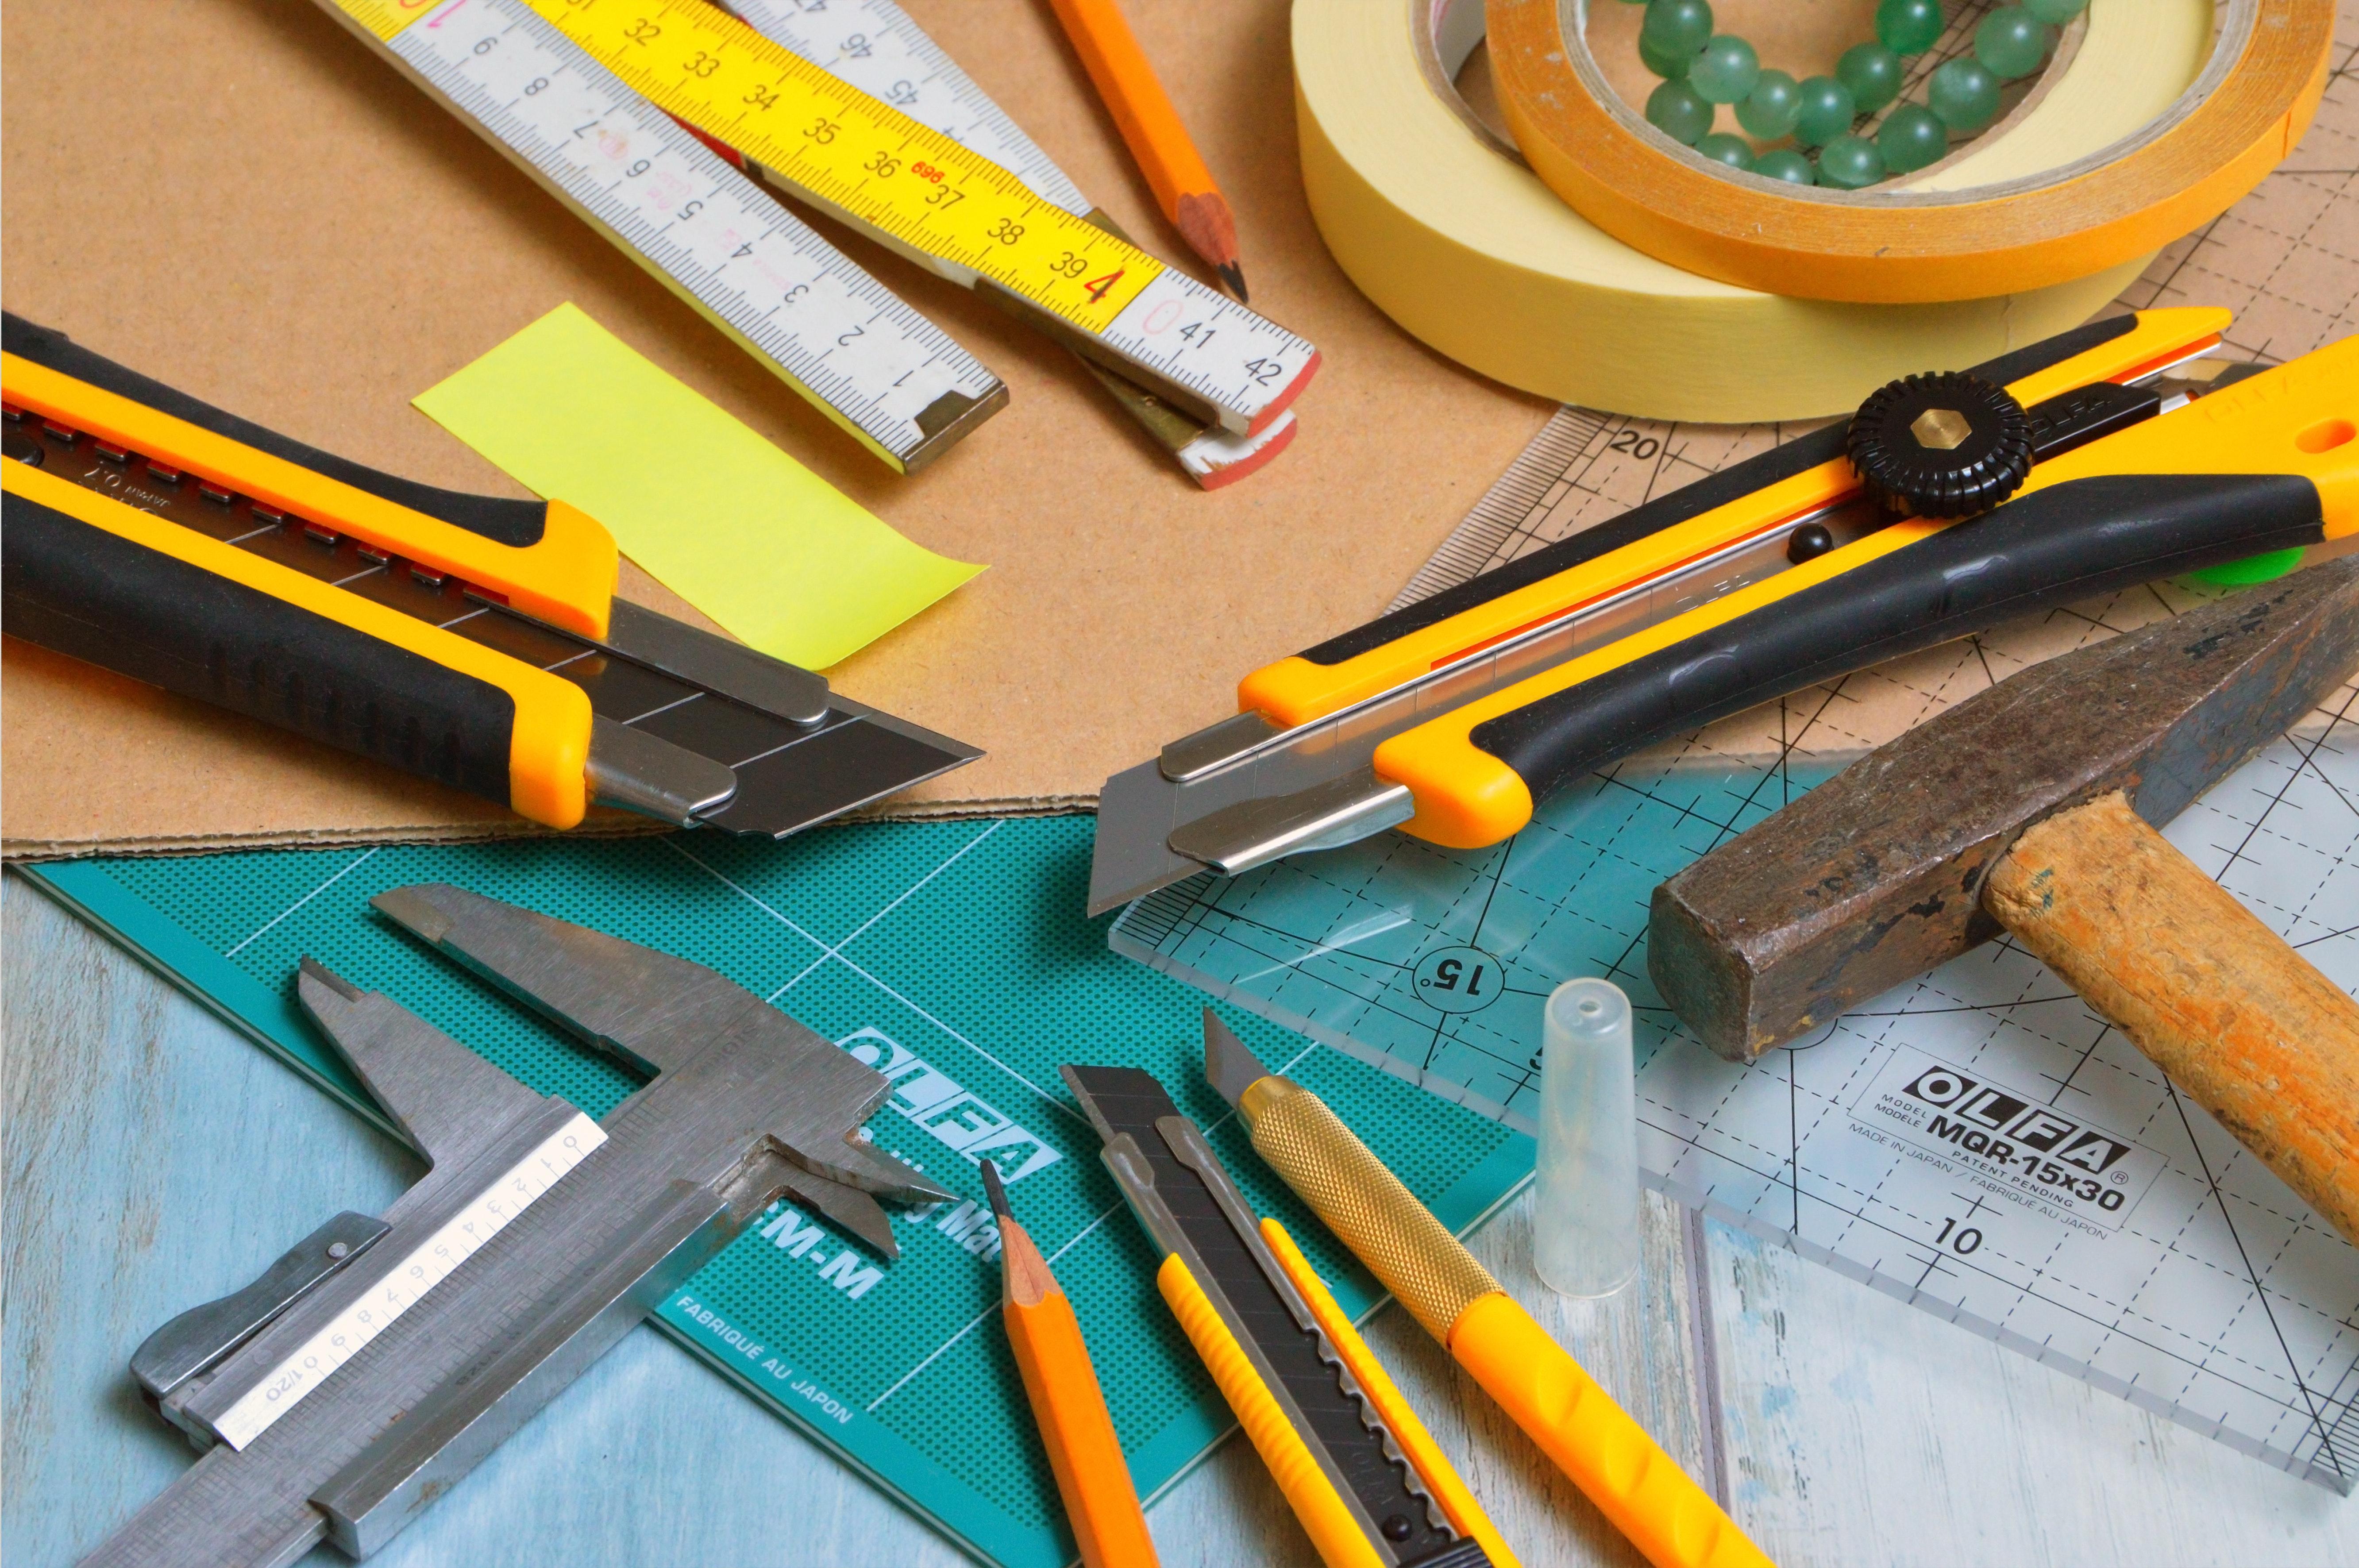 blade-cut-cutter-1409215